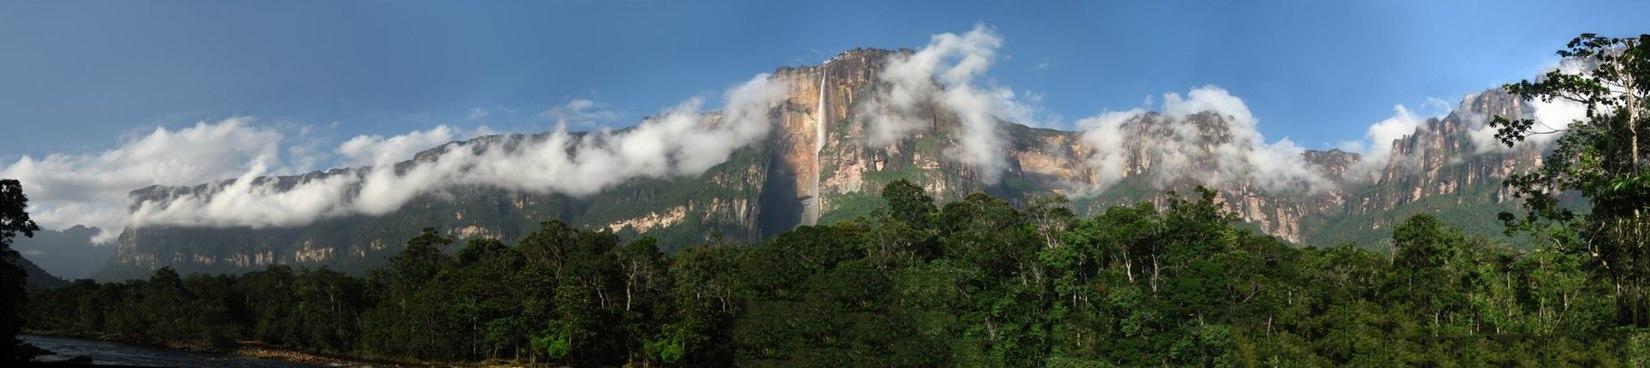 Панорама водопада и окружающих гор